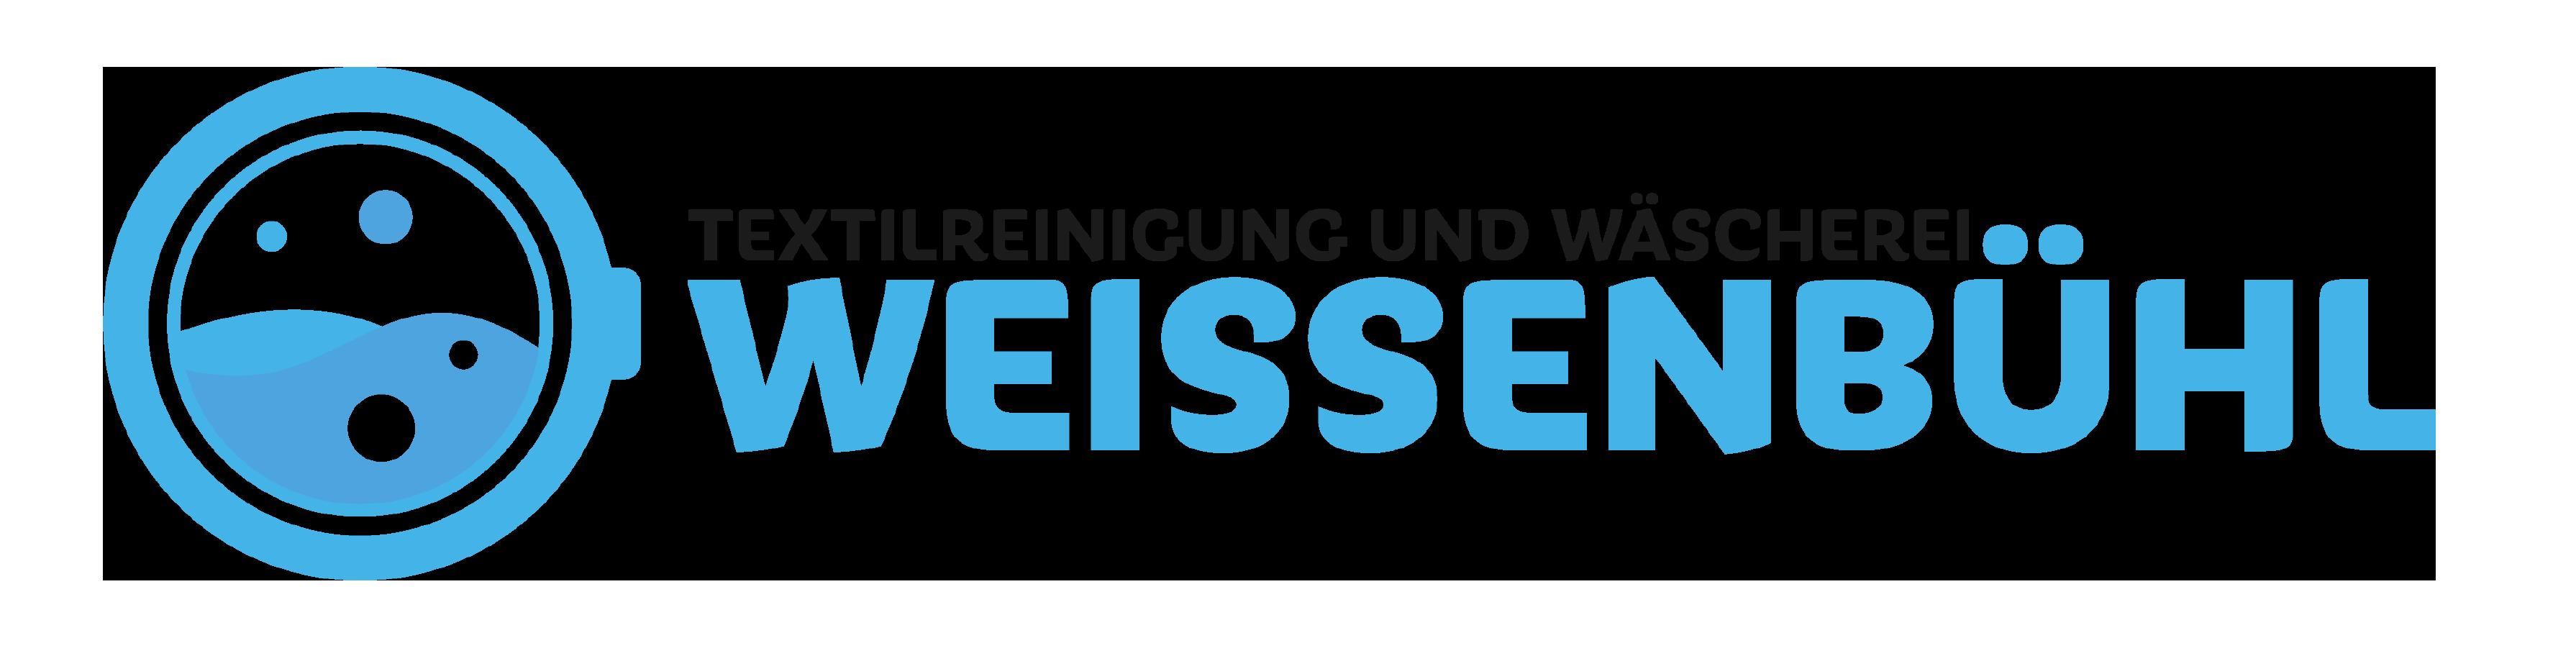 Textilreinigung Weissenbühl